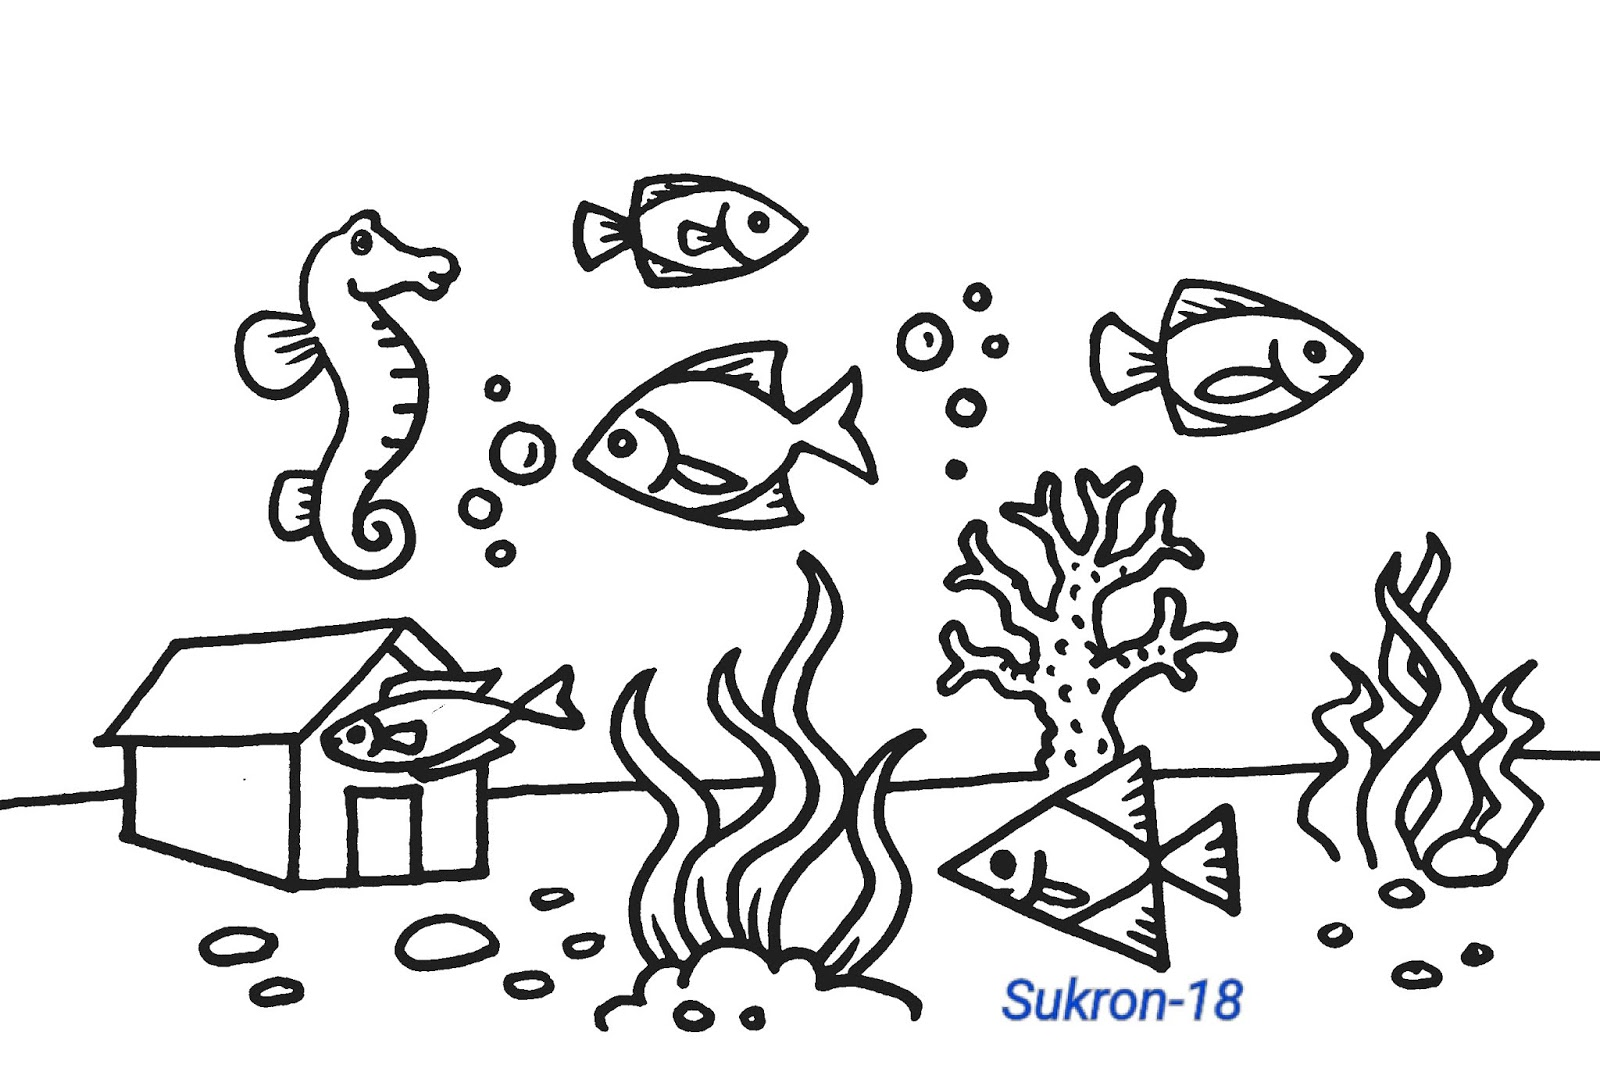 Download 52 Gambar Mewarna Ikan Laut Terbaru Gambar Ikan